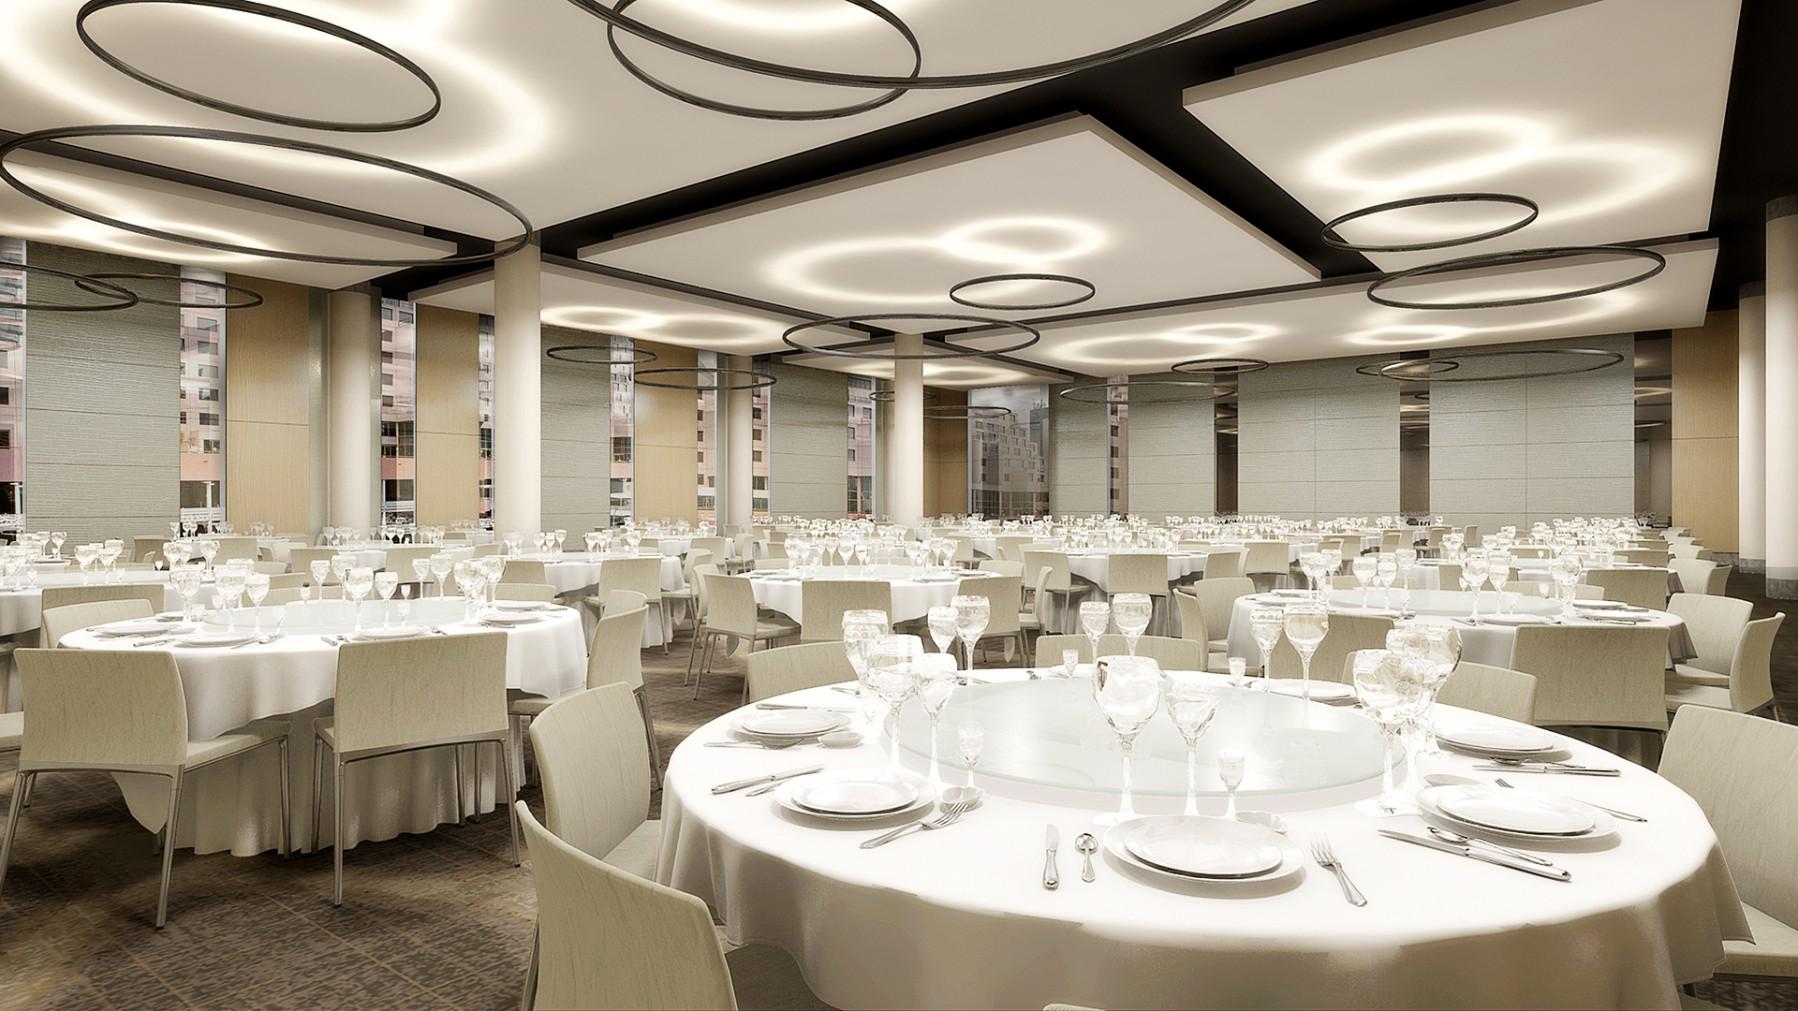 Sofit-el-Sydney-Darling-Harbour-Hotel-Ballroom2.jpg